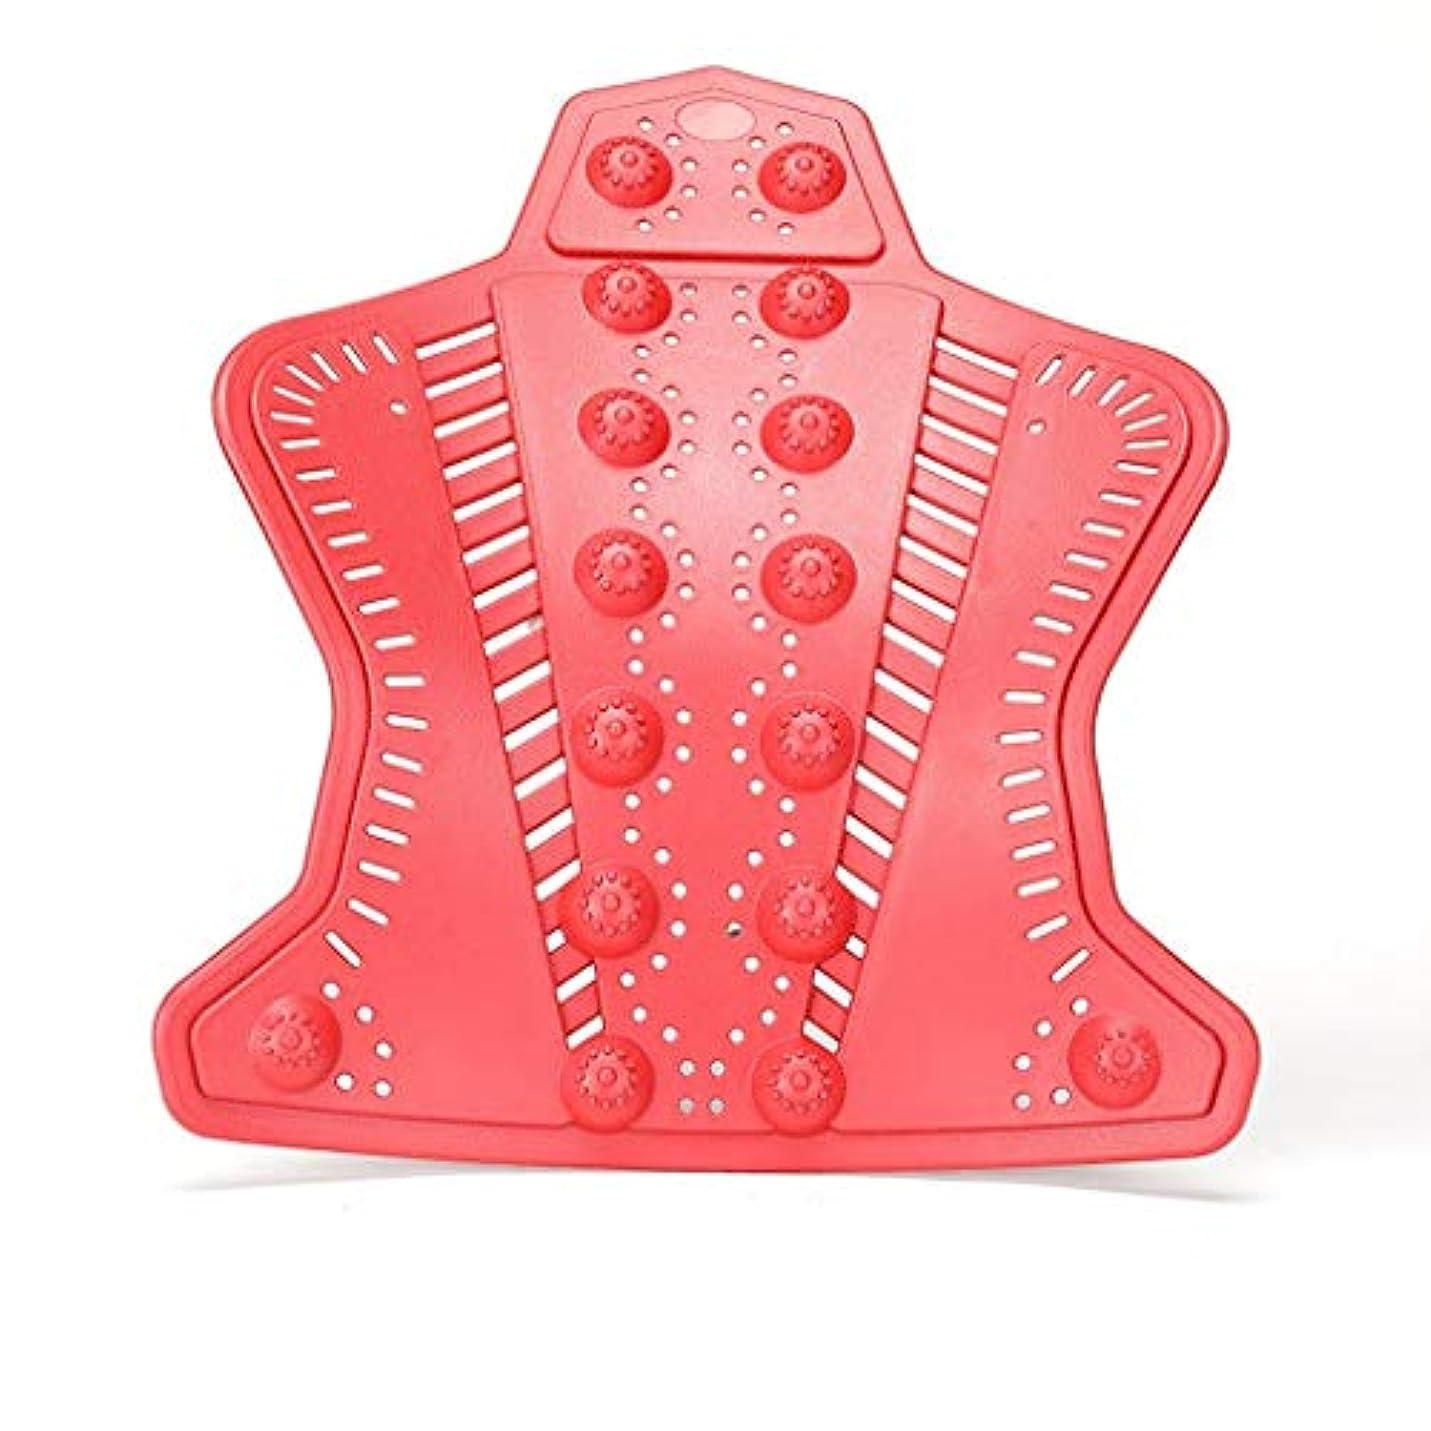 逃れるシンプルさ最近背中のマッサージストレッチャーストレッチマジックウエストサポート首リラックス脊椎の痛み頚椎腰椎牽引ザトウクジラデバイス,Red